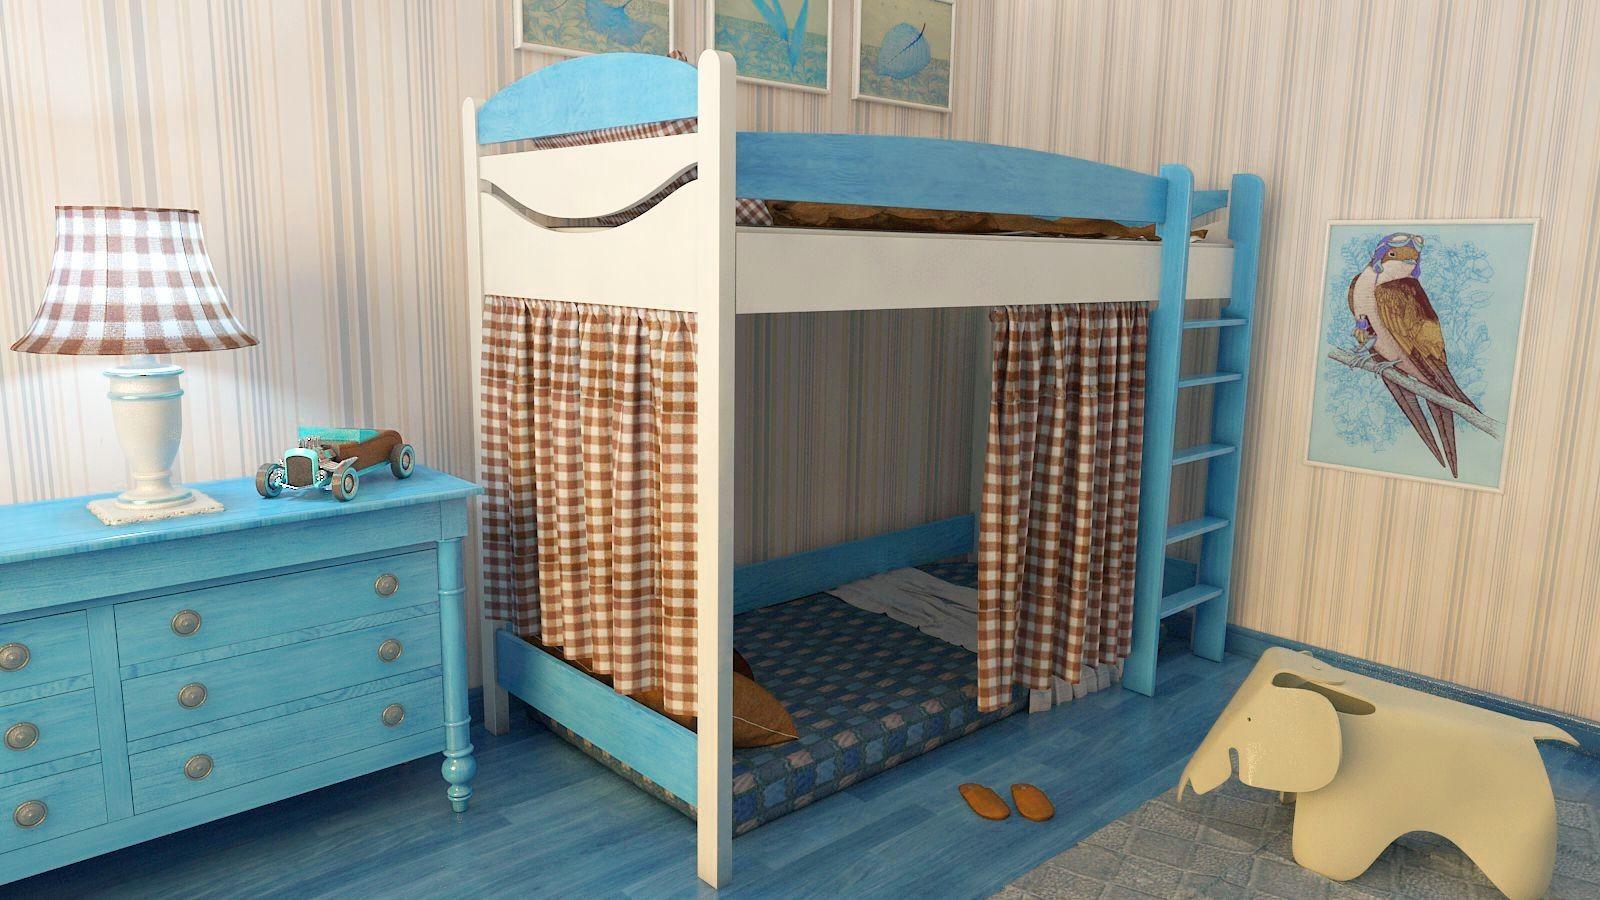 """Кровать чердак """"Эргономик-2"""" E290BMDUB детская для мальчиков и девочек детей от 2-3 лет"""